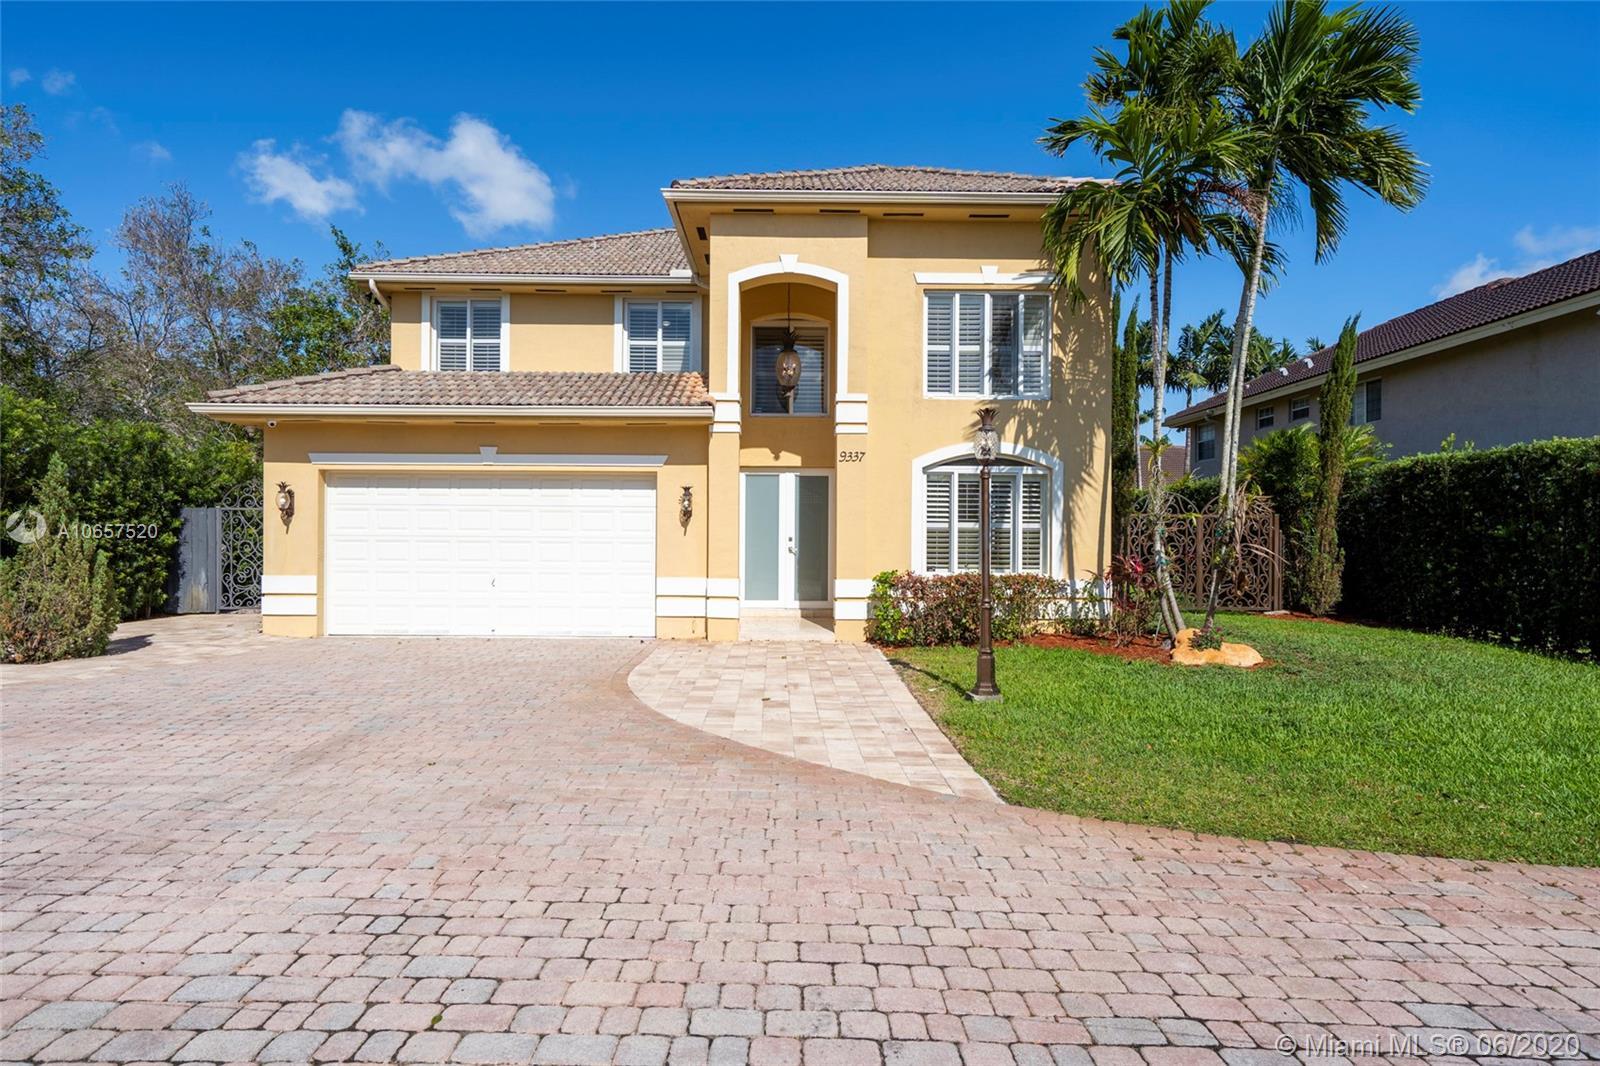 9337 SW 98th Ct, Miami, FL 33176 - Miami, FL real estate listing